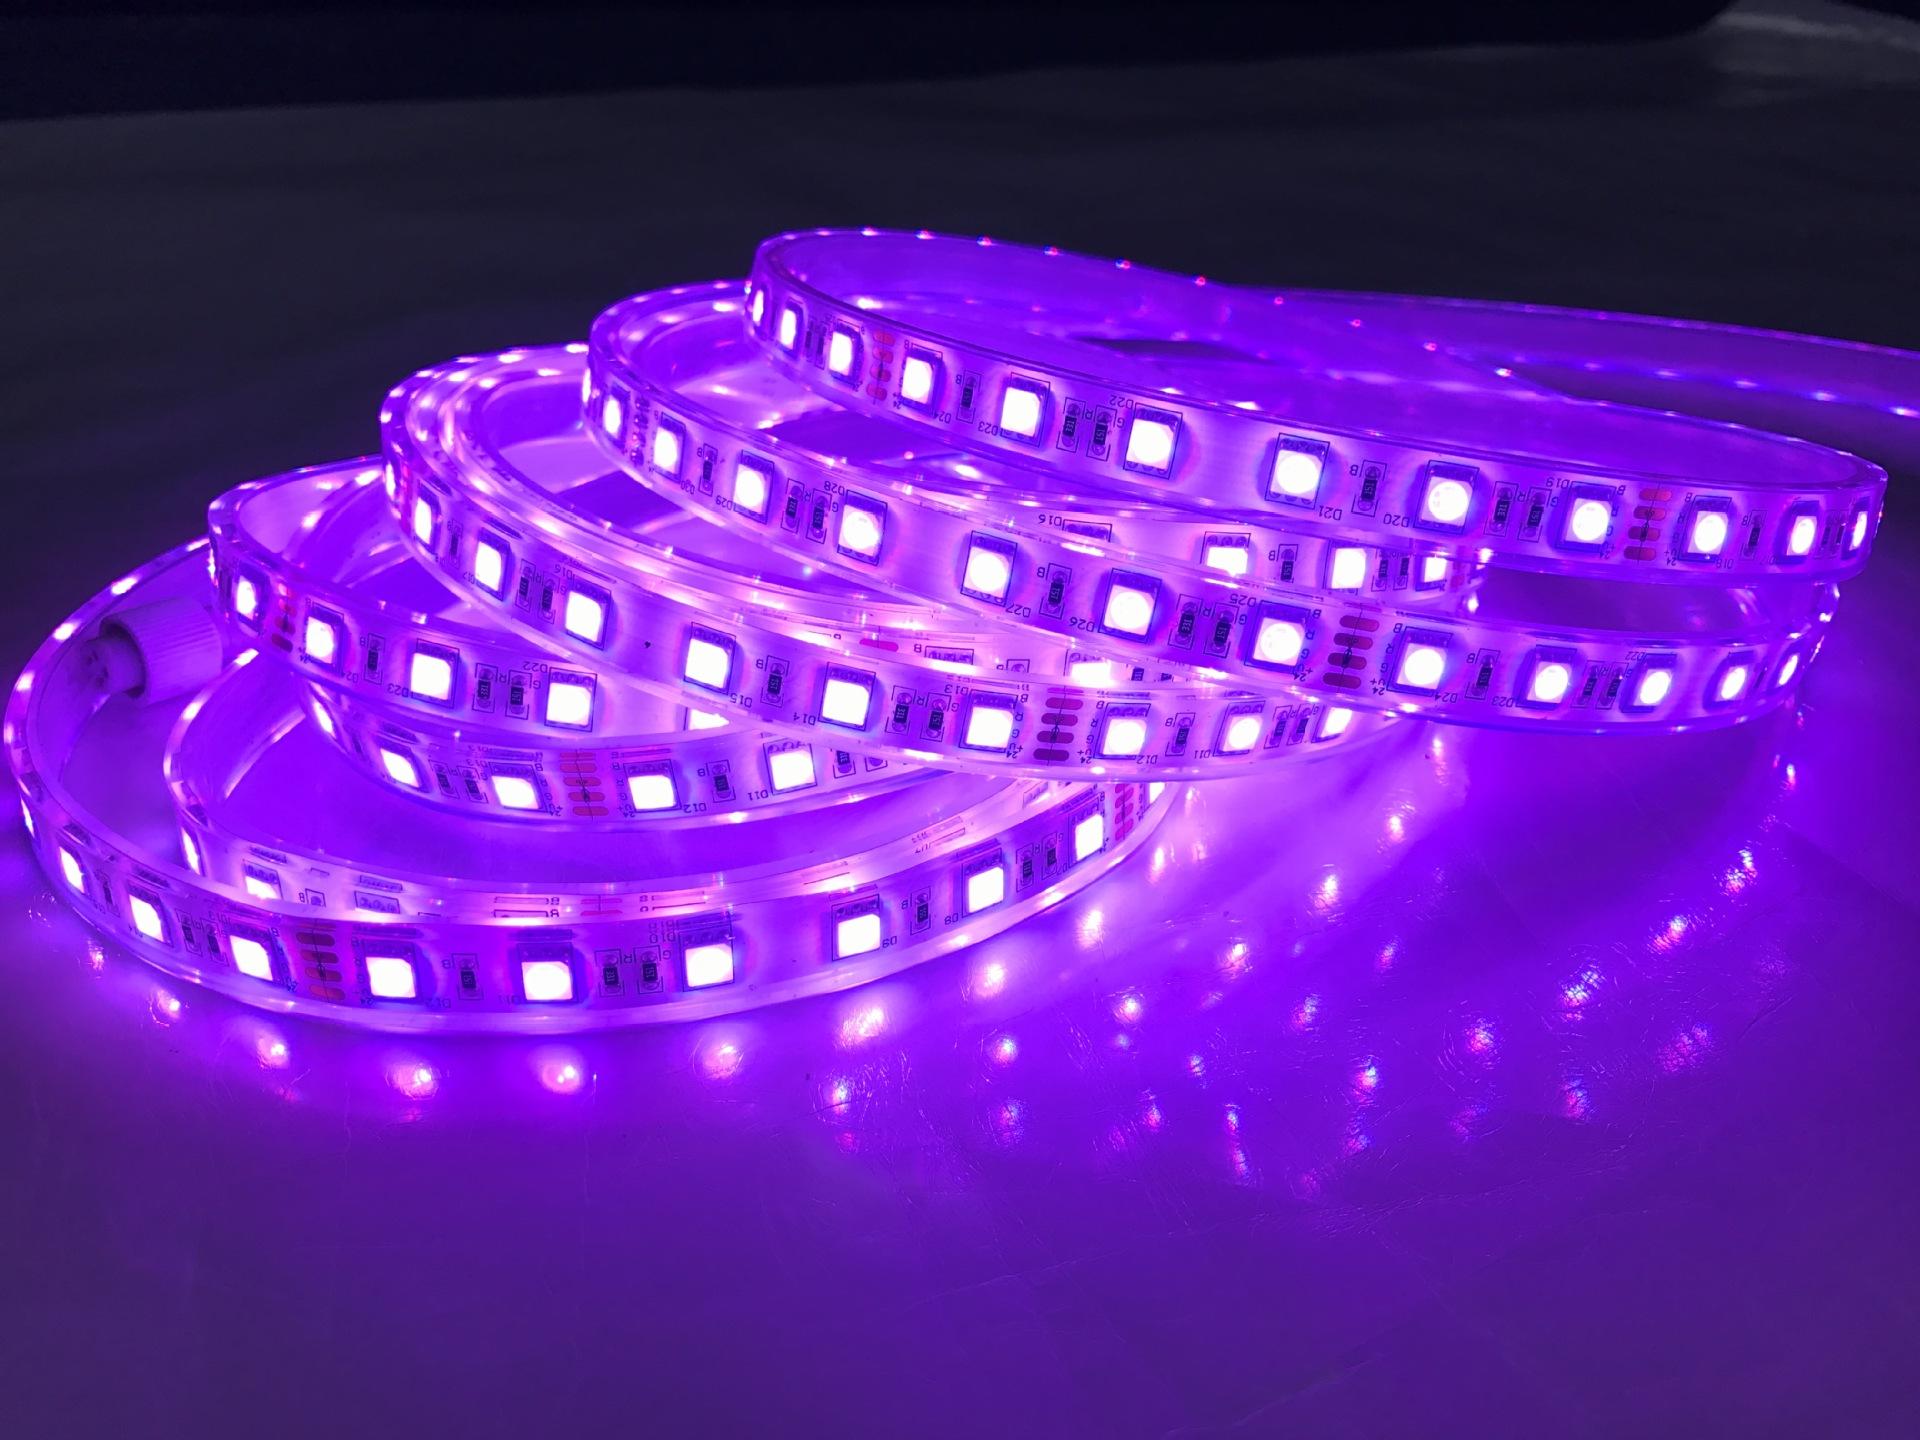 led-day-12v-chong-nuoc-ip68-rgb-5050-sieu-sang-cao-cap-tld-12v-60p-violet